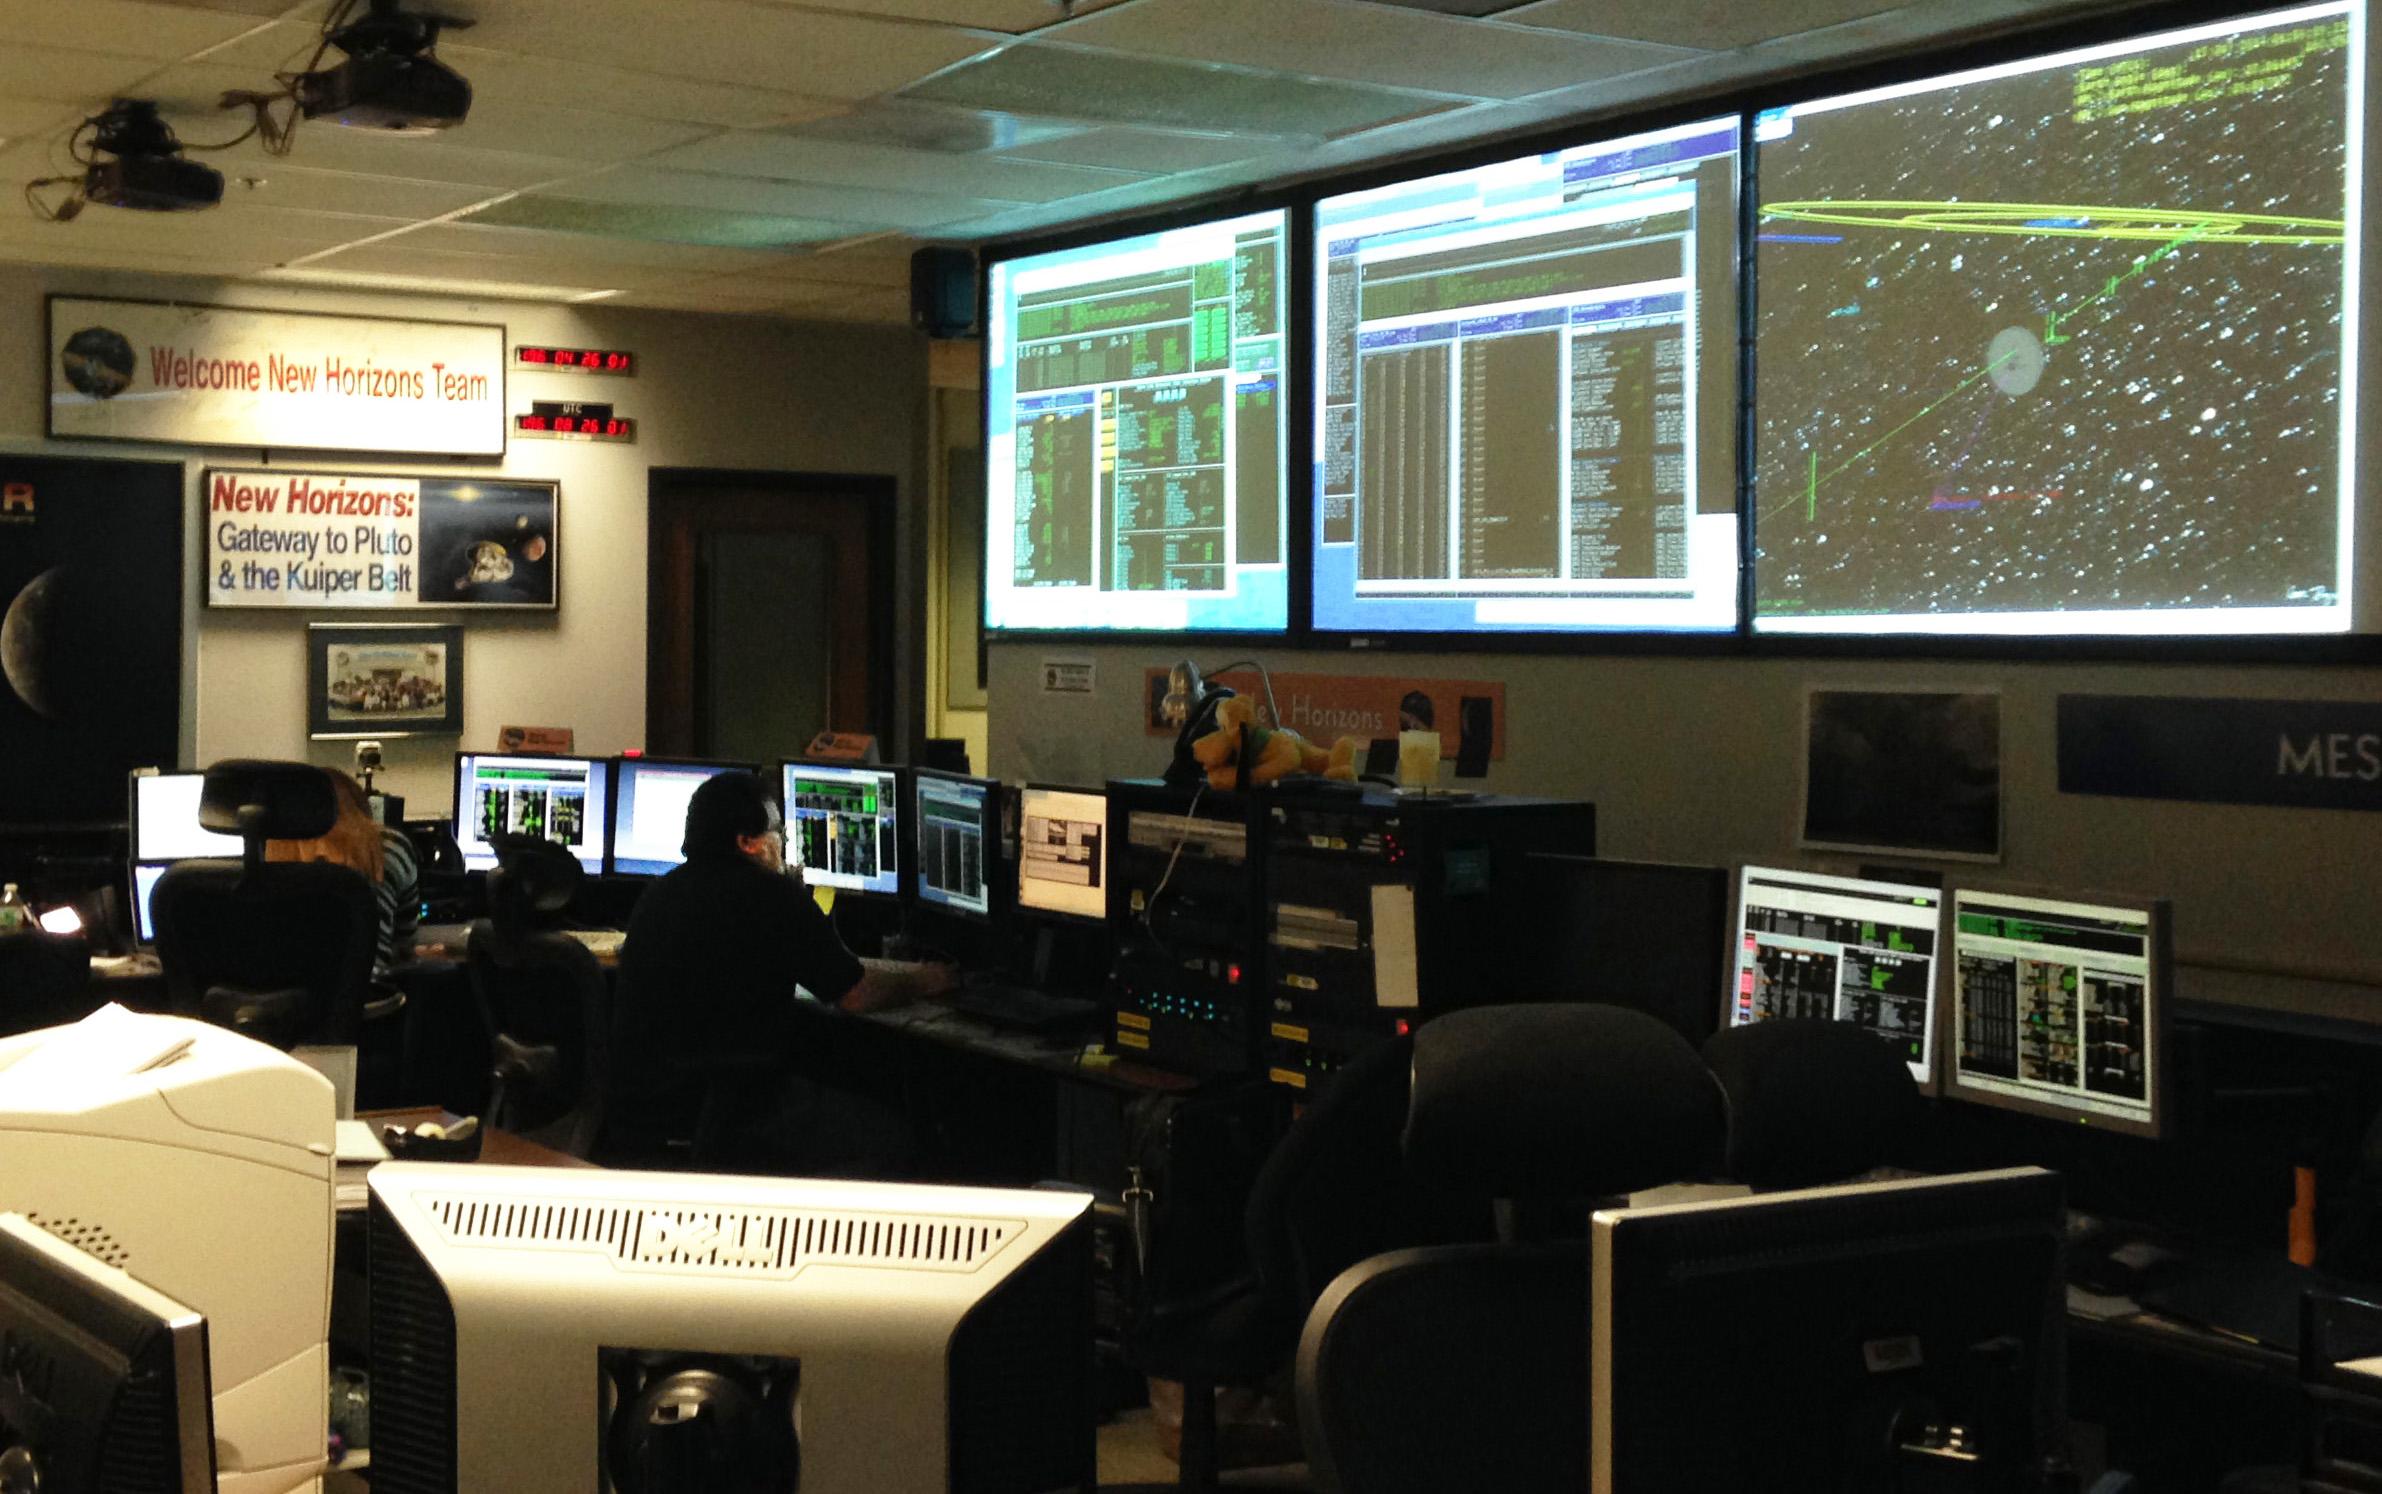 صورة لمركز نظام جمع البيانات الكوكبية. حقوق الصورة: ناسا